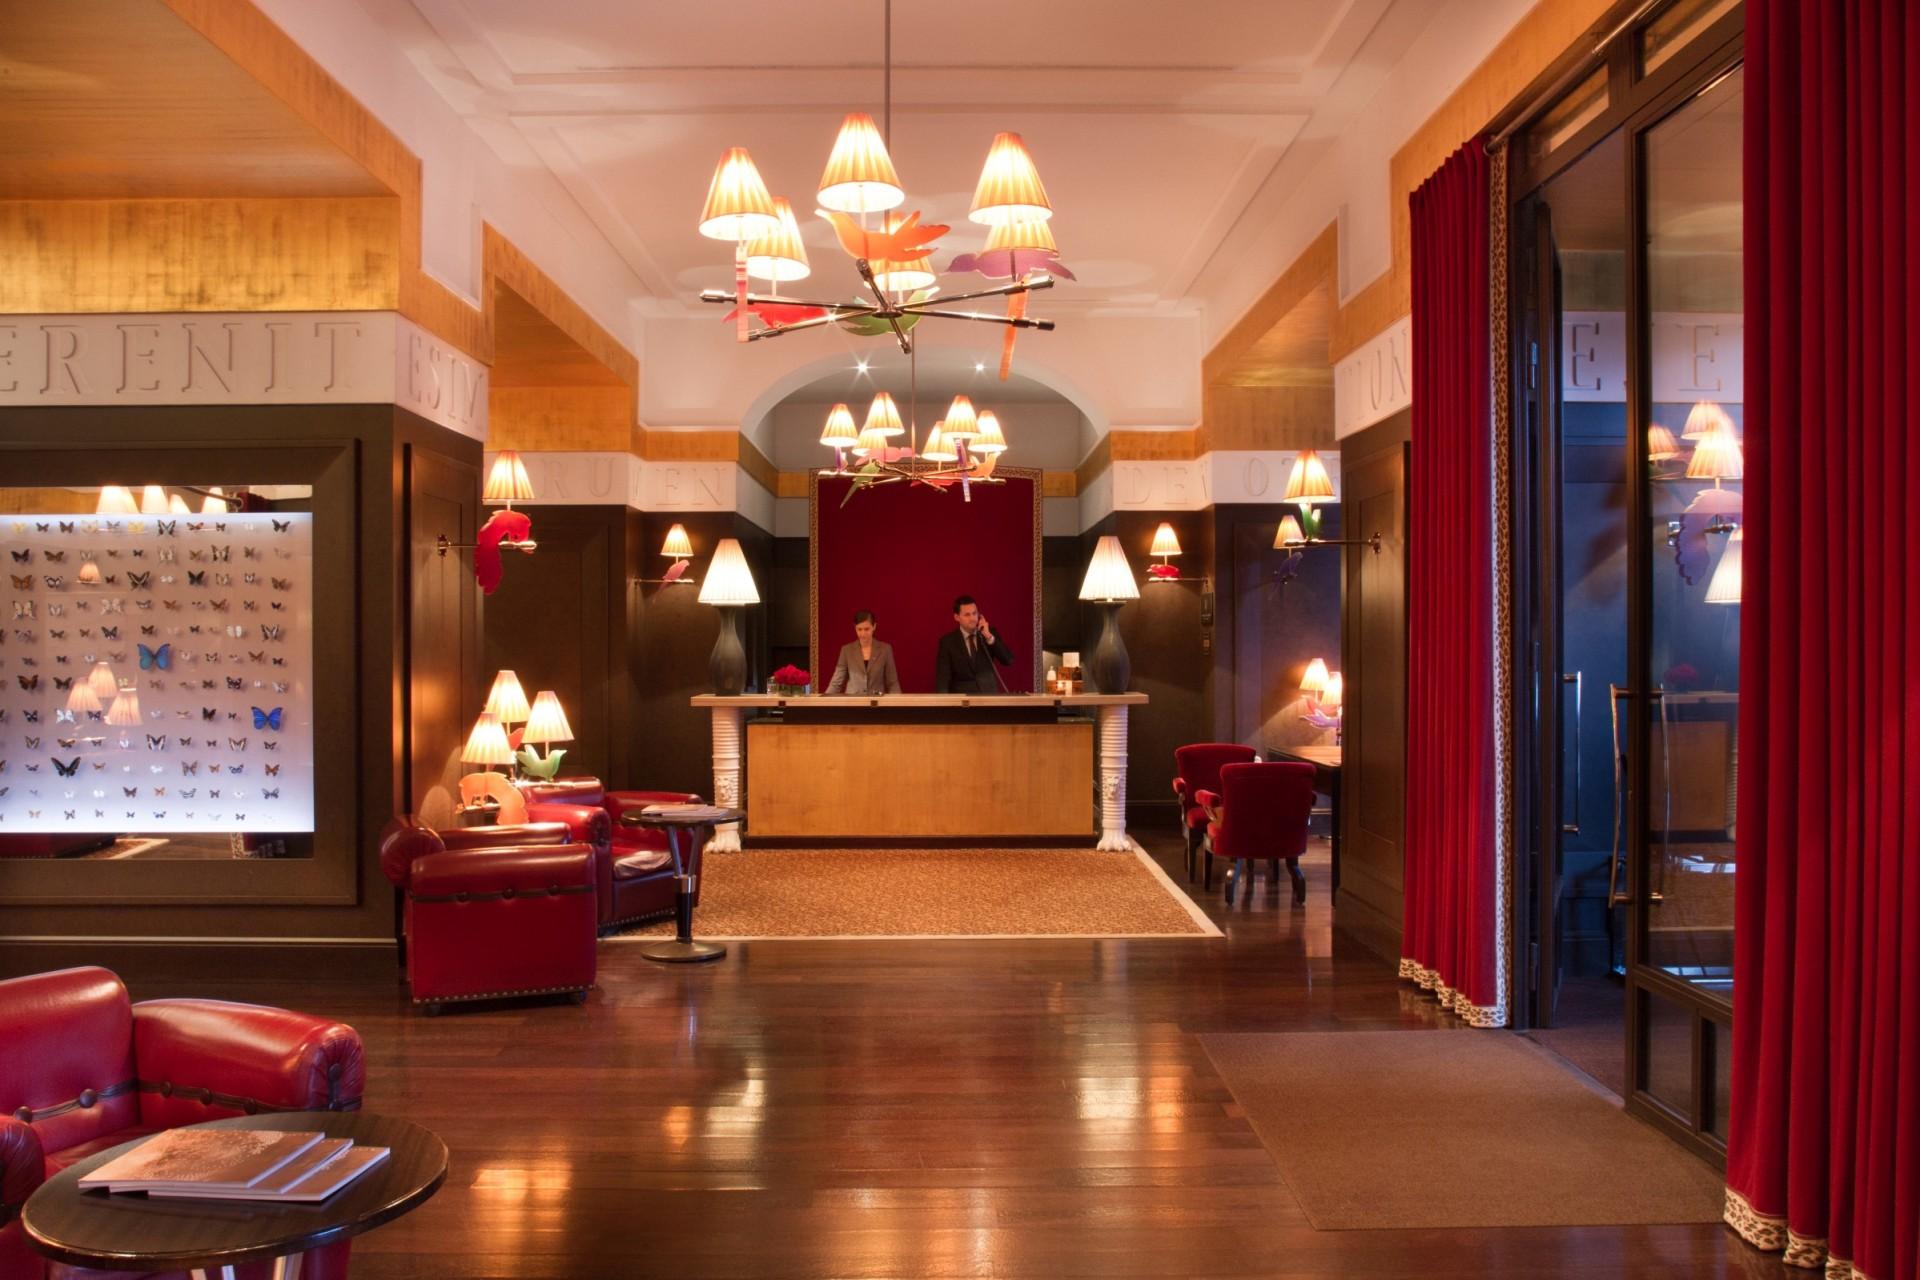 Rezeption des La Reserve Hotels